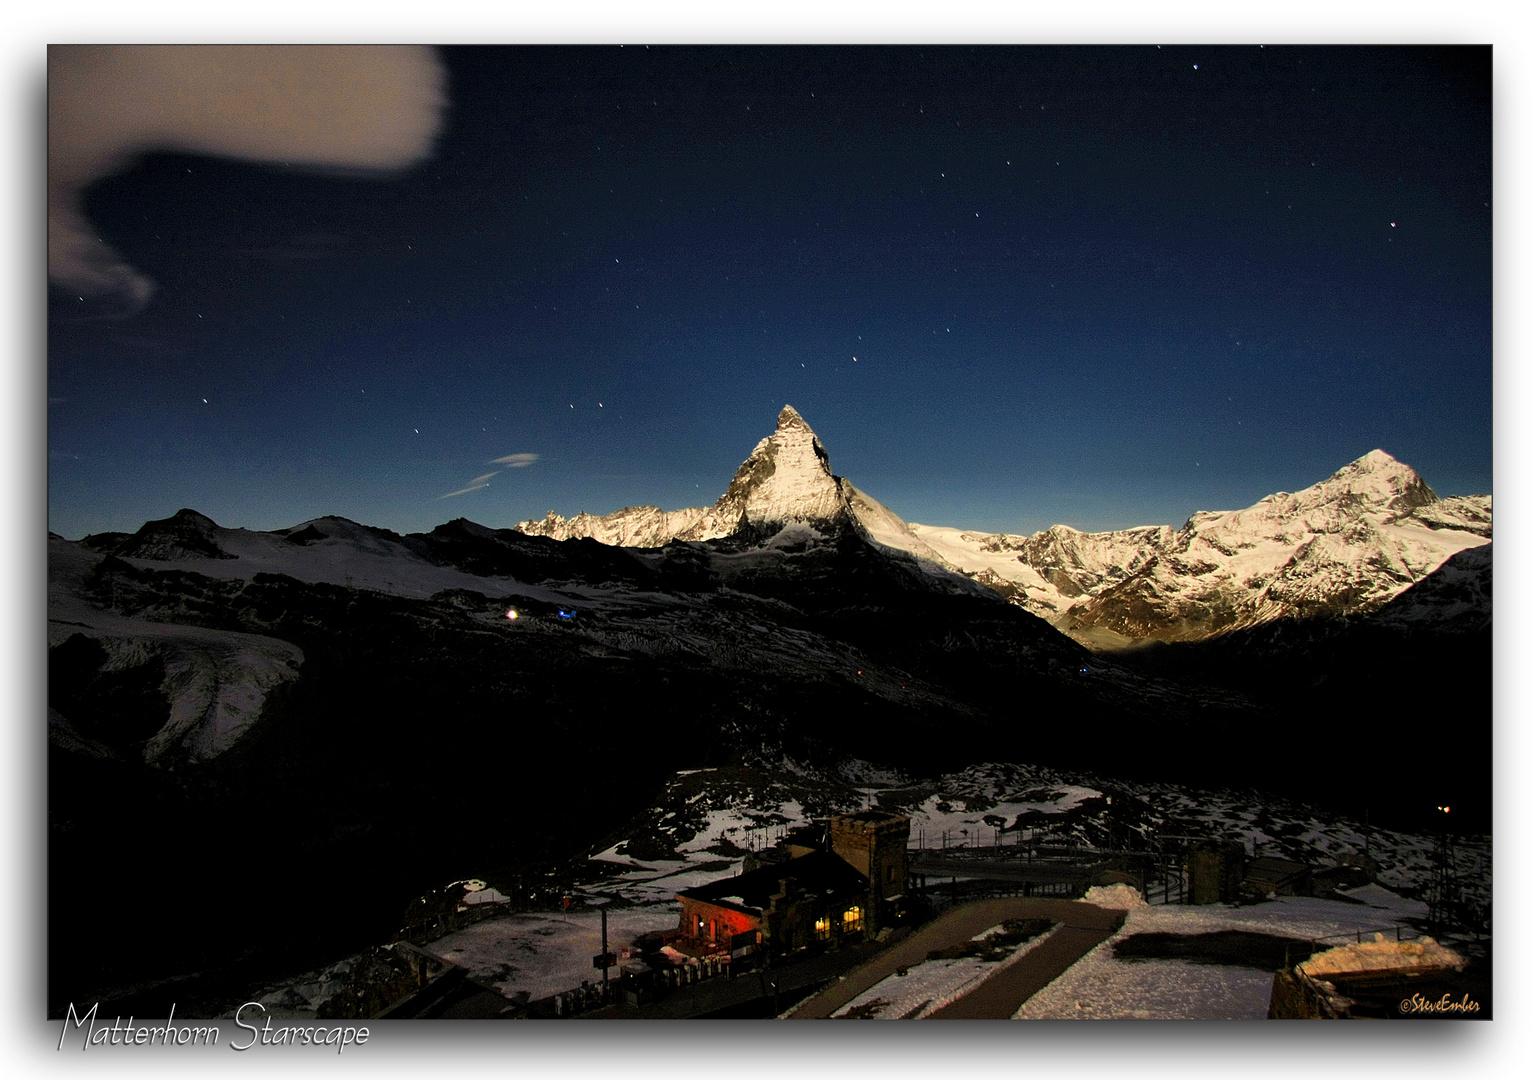 Matterhorn Starscape